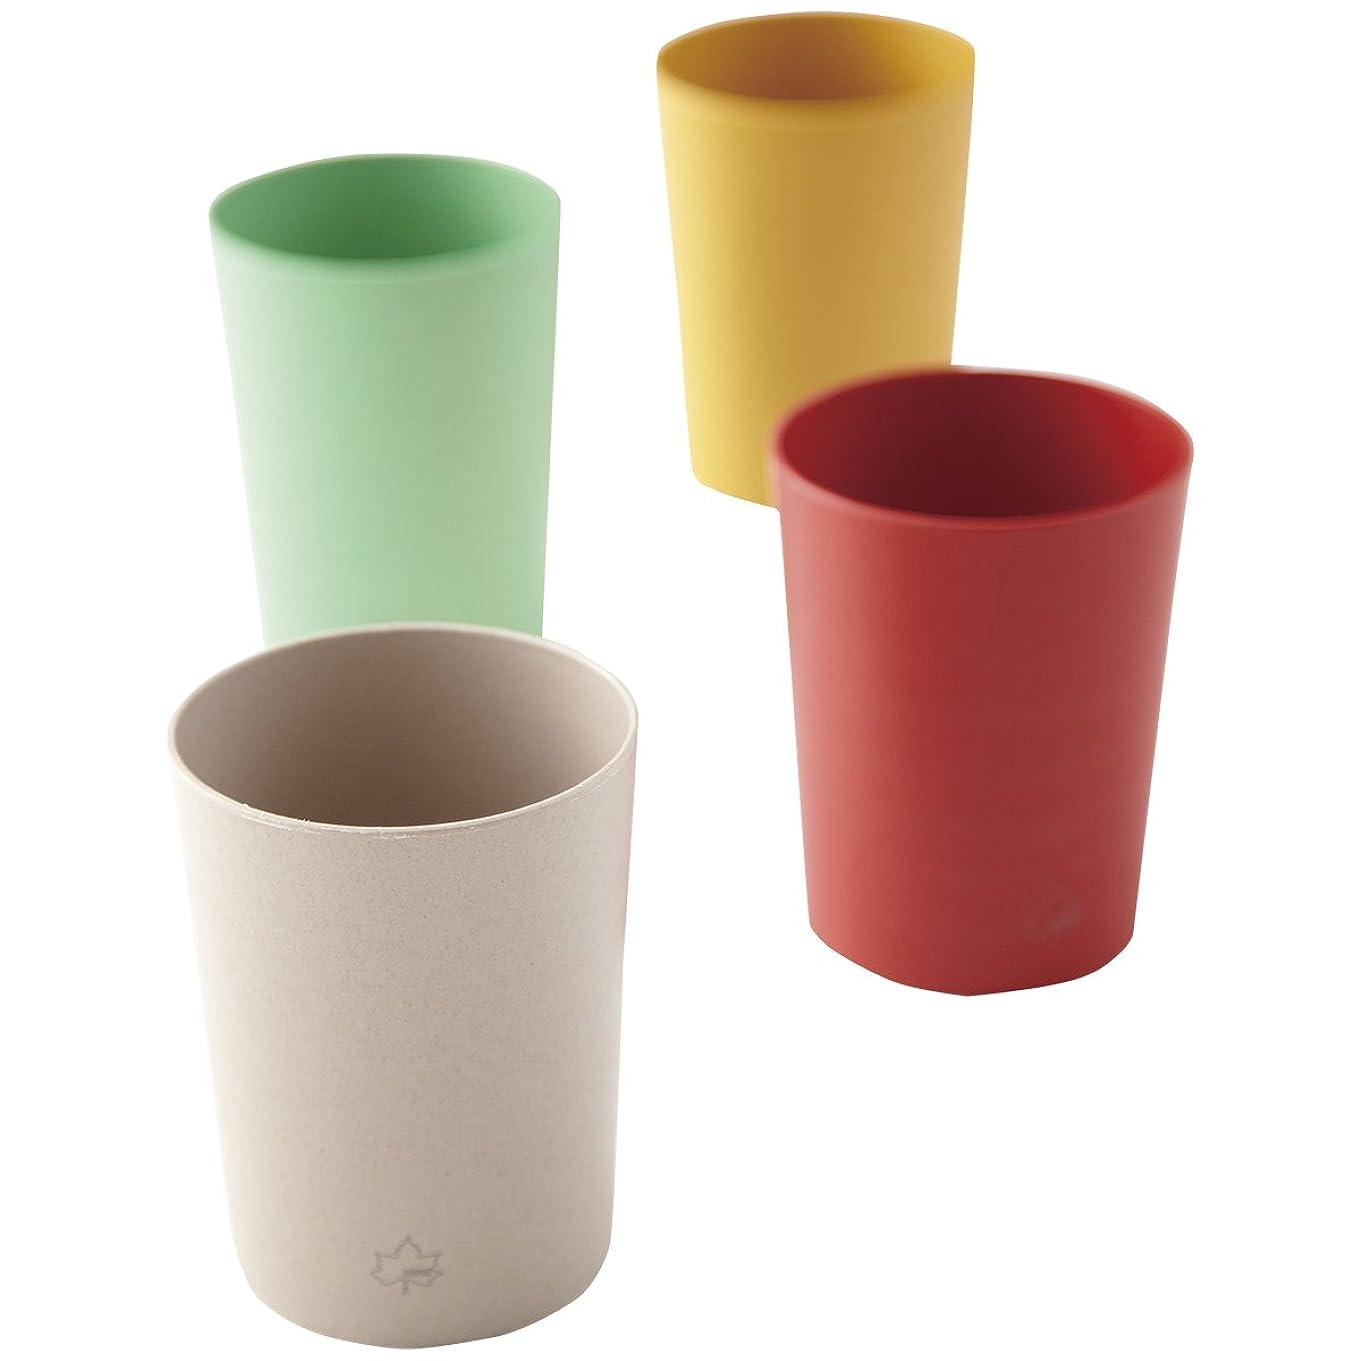 光のリビングルーム骨折ロゴス 食器セット 抗菌バイオプラントカップ(4色セット) 81285017